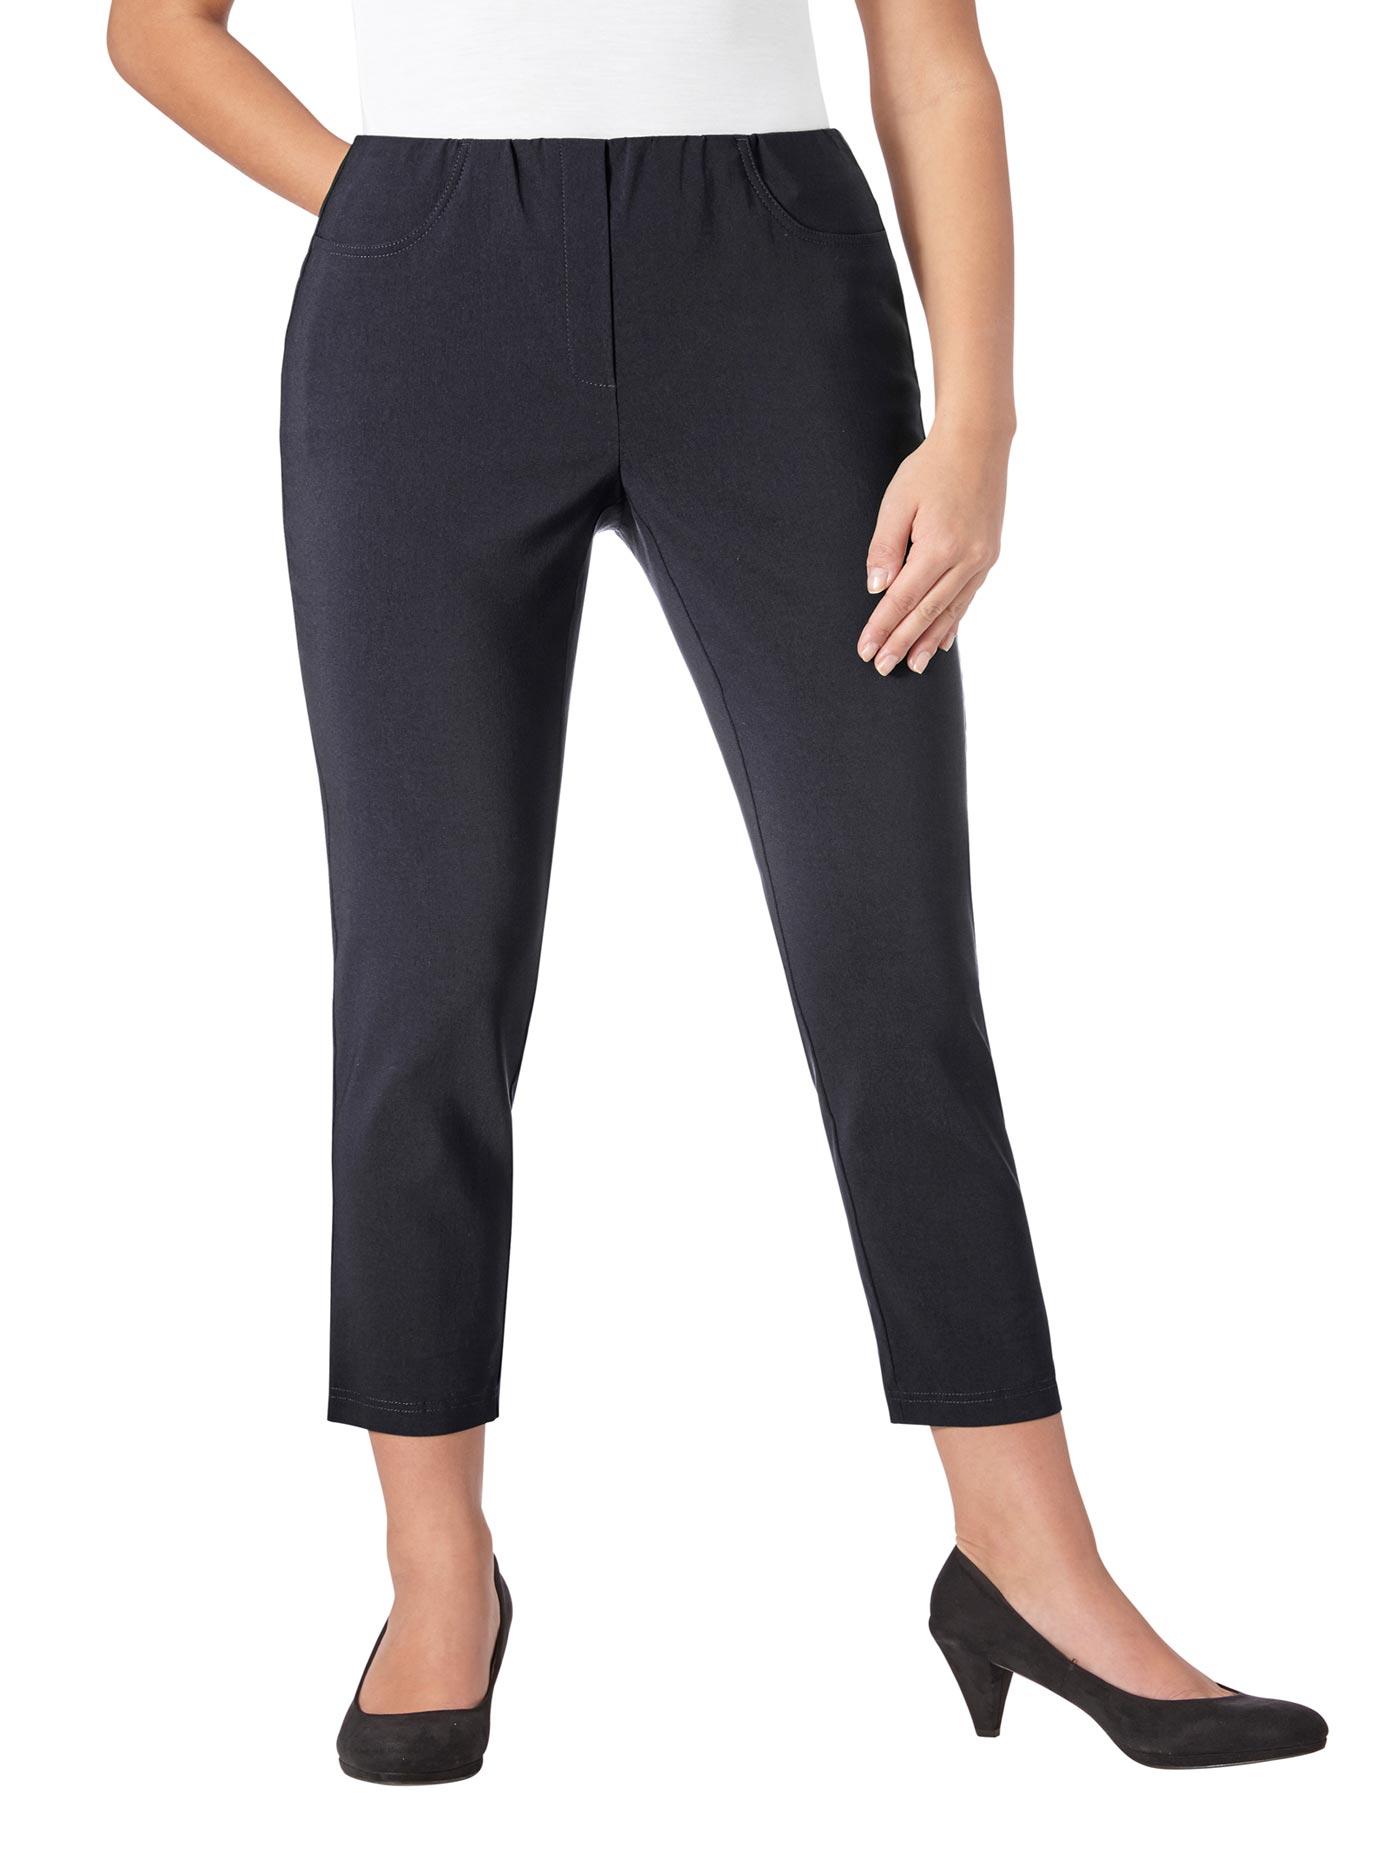 Lady 7/8-Hose in hochwertiger Bengalin-Qualität | Bekleidung > Hosen > 7/8-Hosen | Blau | Lady